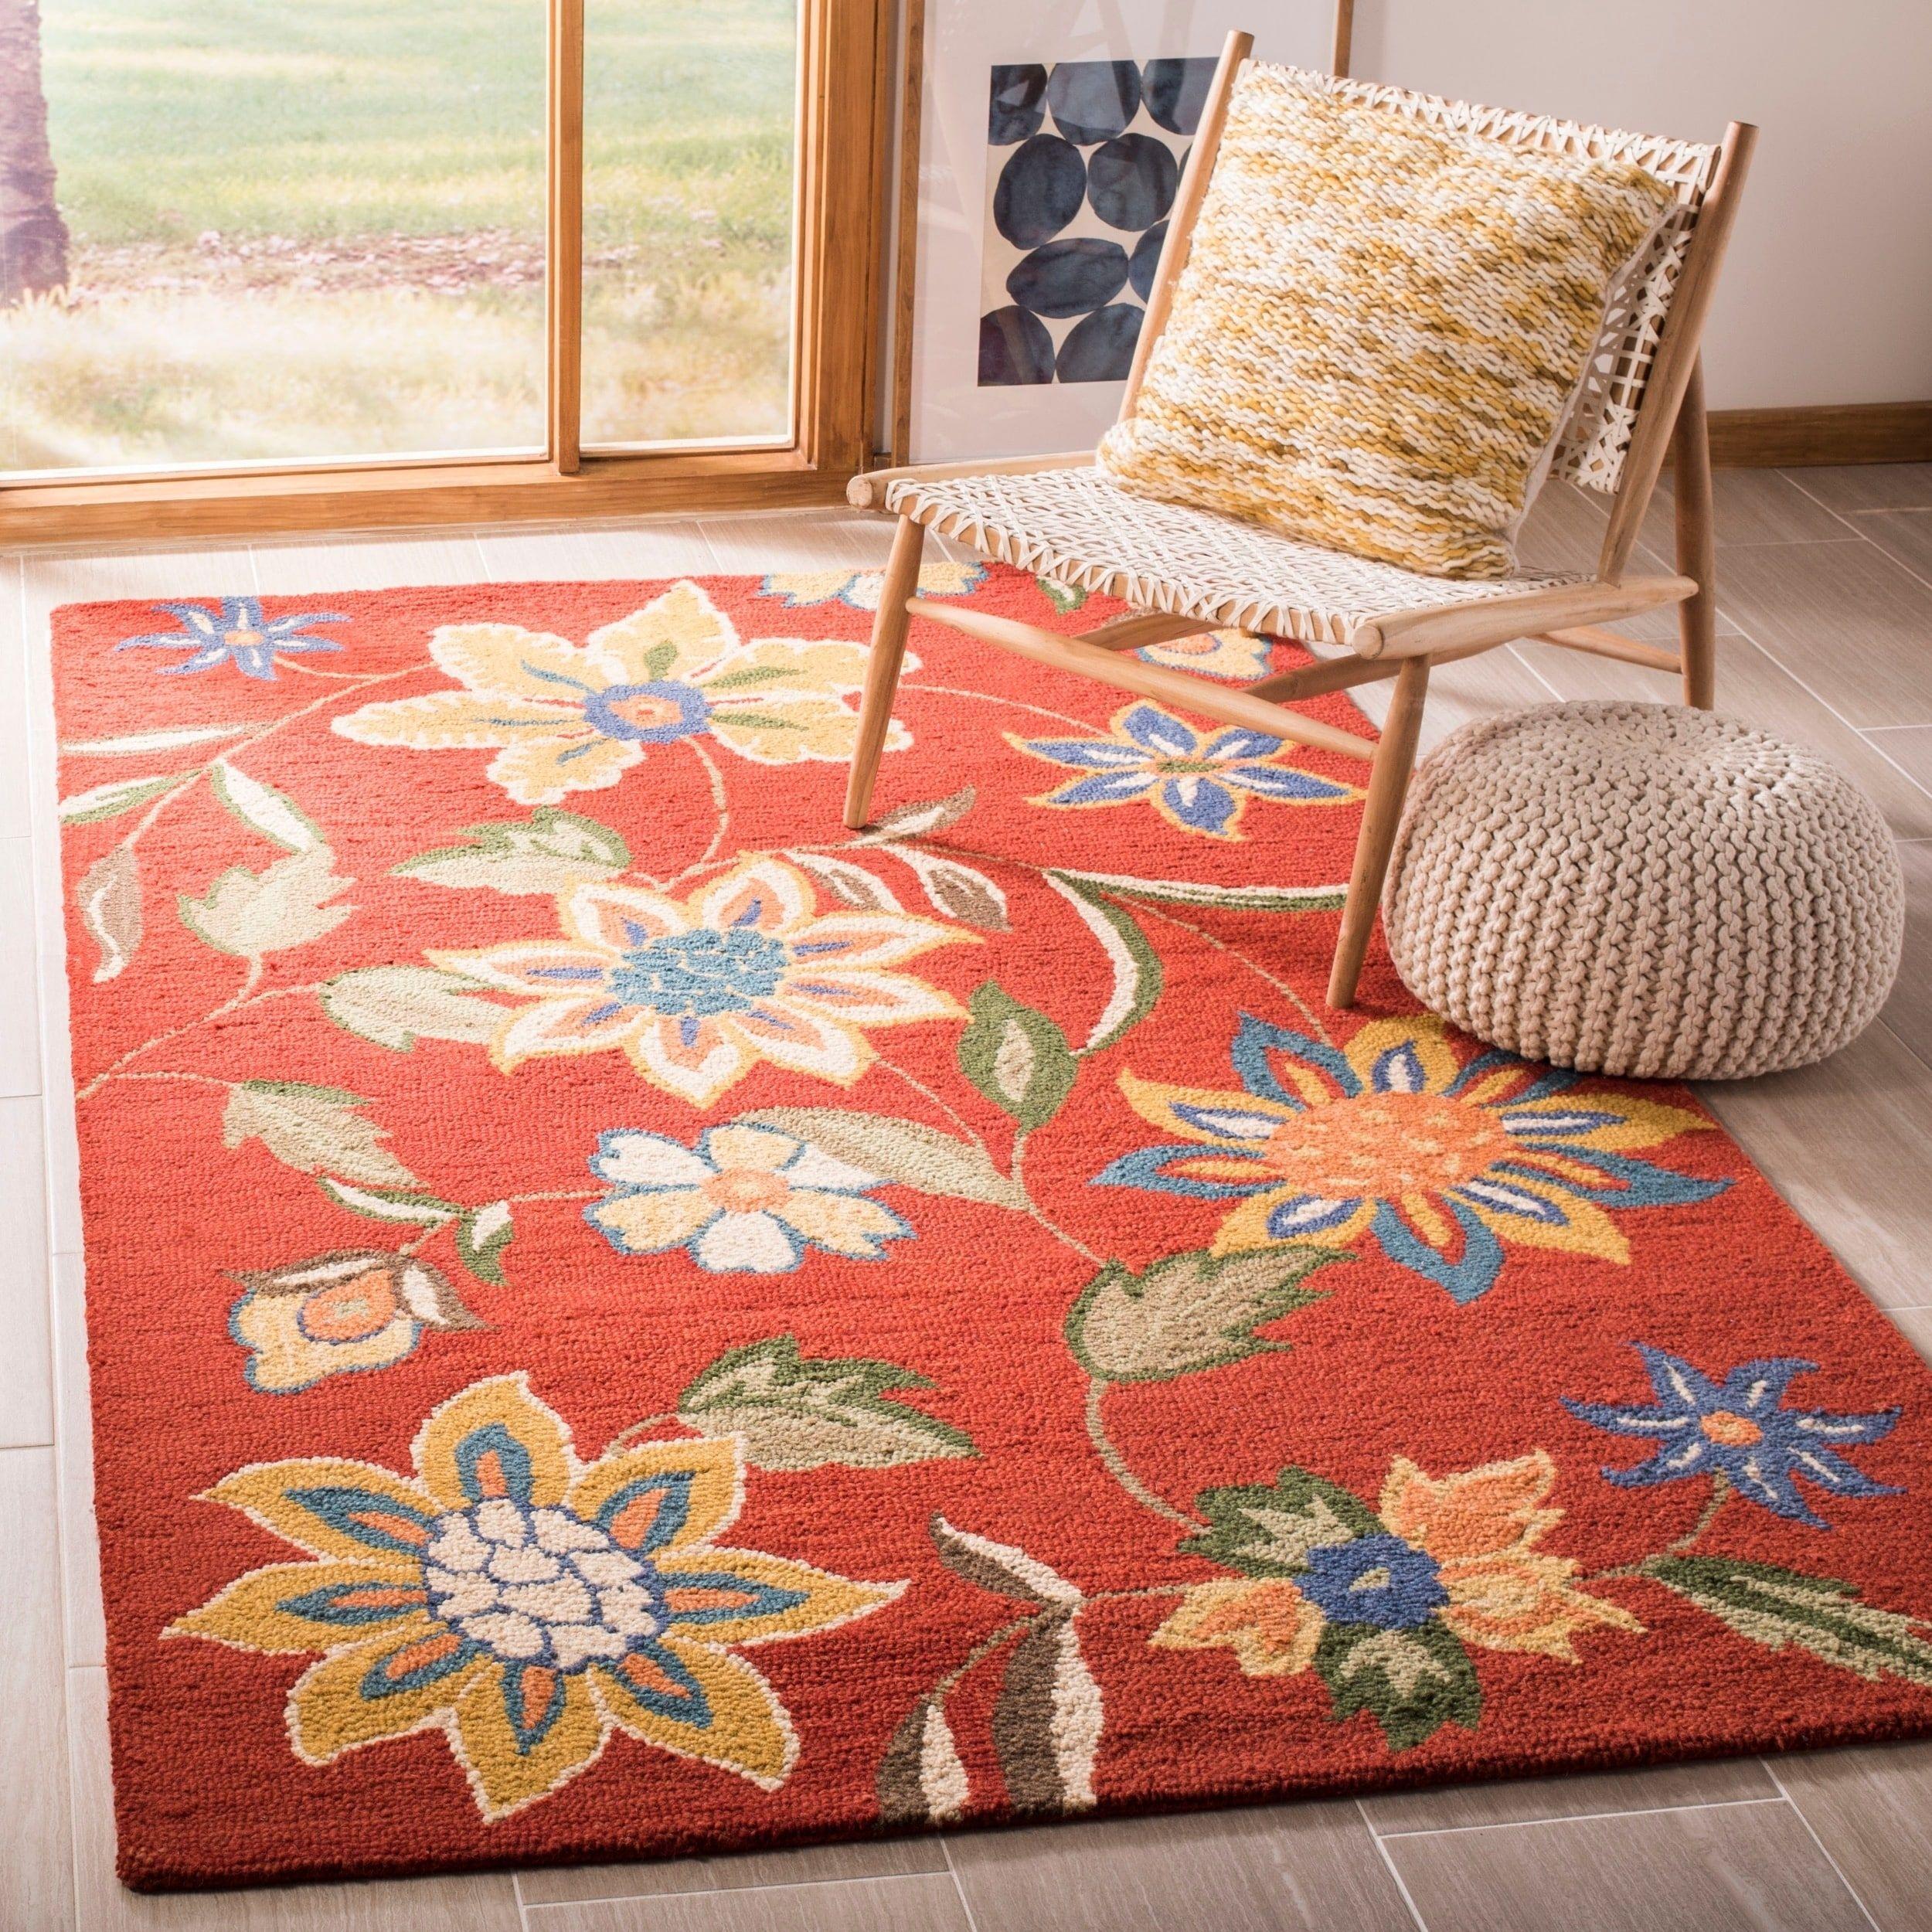 Safavieh Handmade Blossom Rust Wool Area Rug 5 X 8